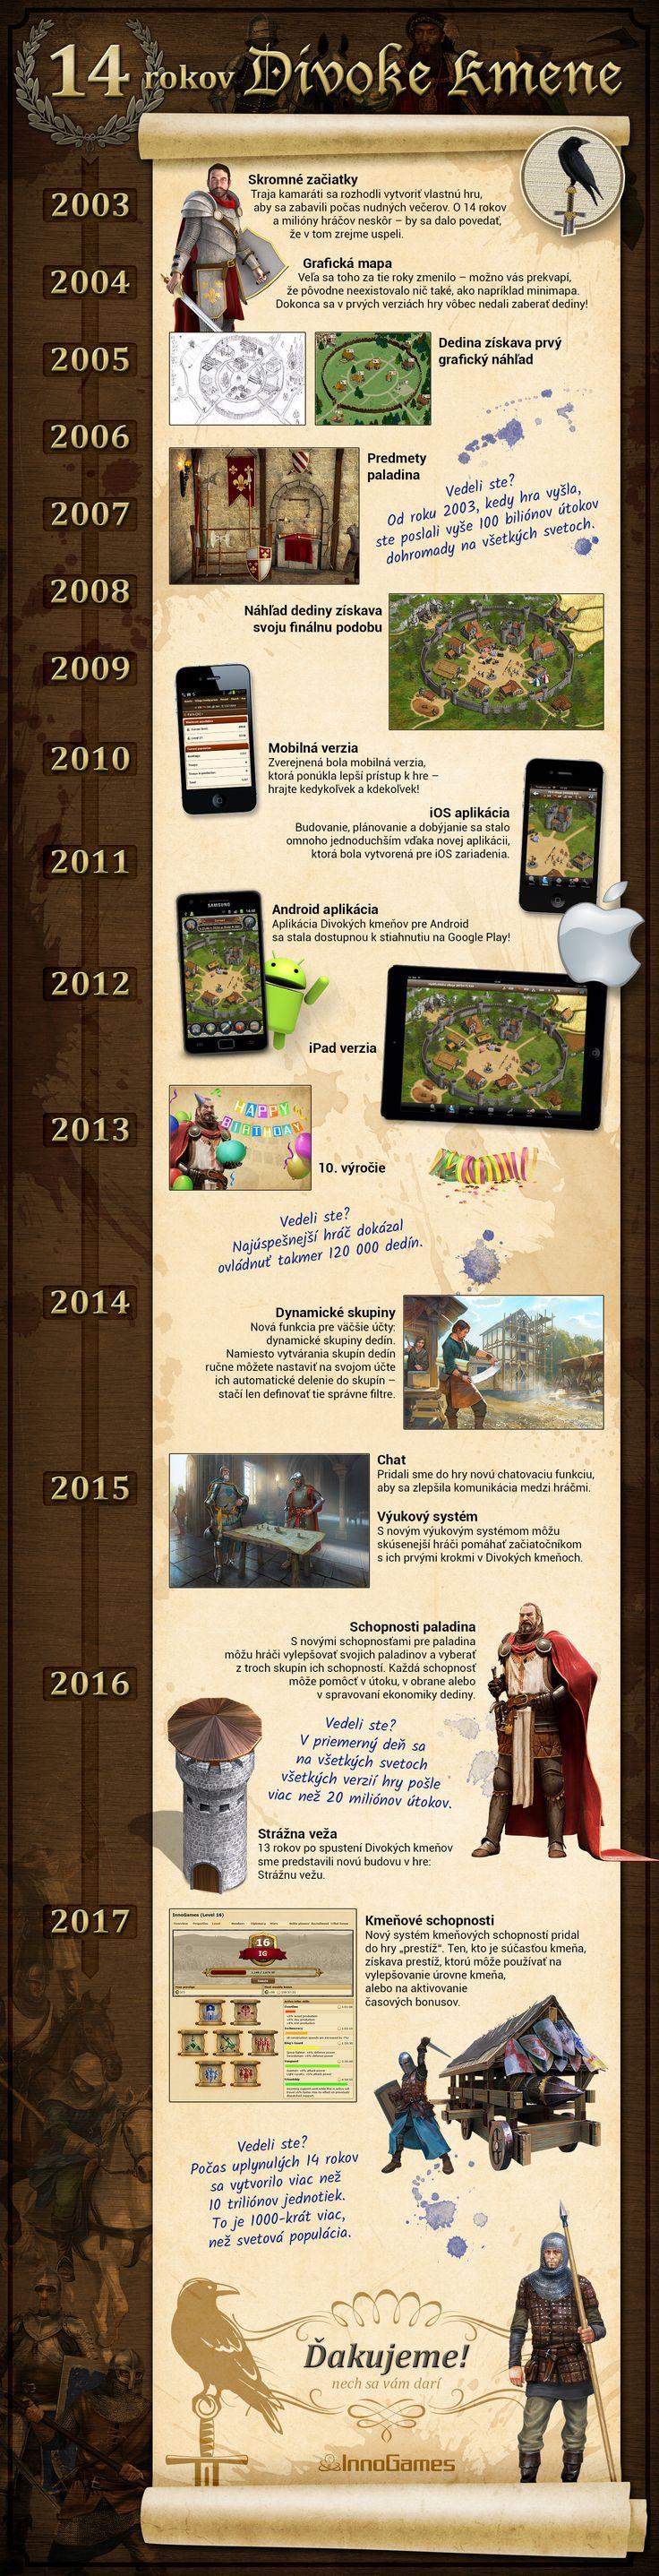 Hra Divoké kmene už je s námi 14 let! Co se za tu dobu změnilo a stalo?